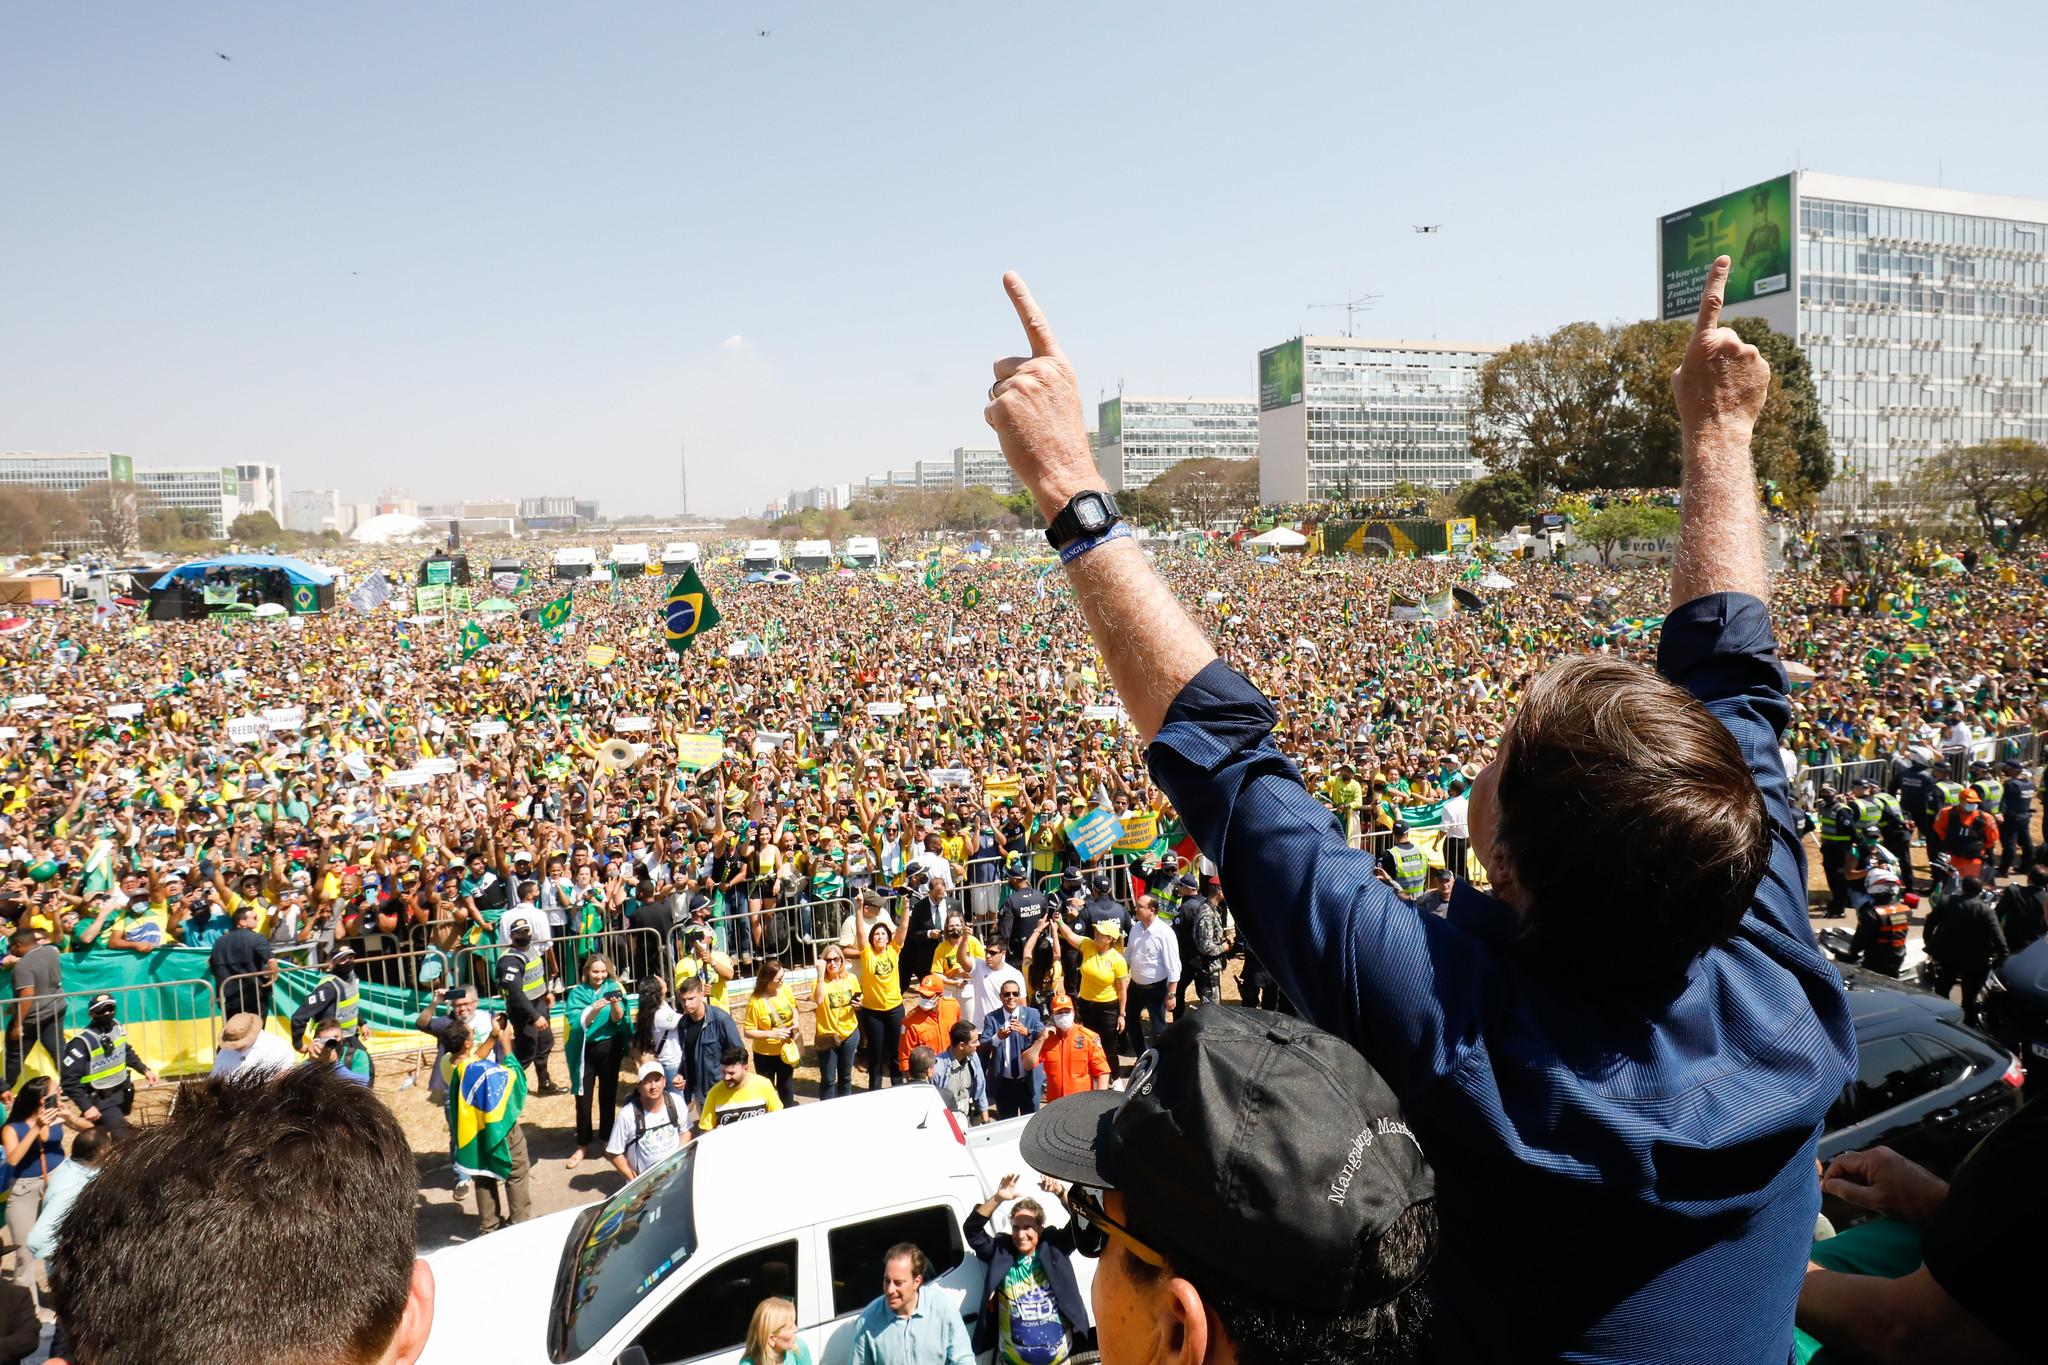 IMAGEM: Popularidade de Bolsonaro nas redes desaba após carta de recuo